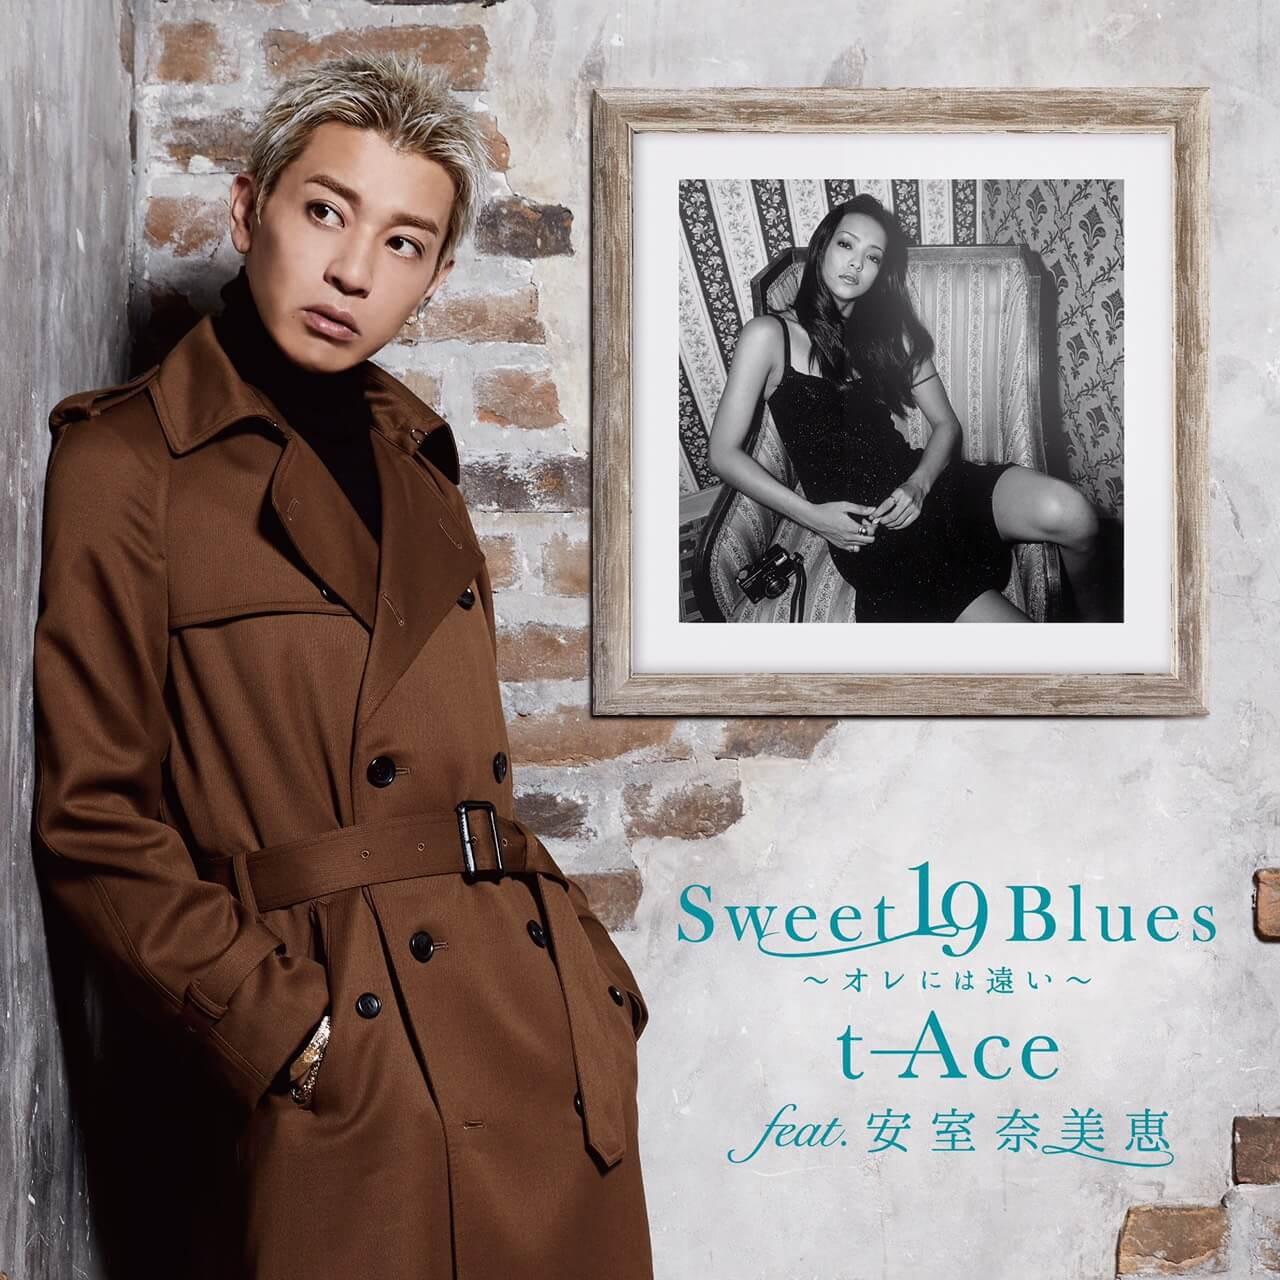 """令和の""""クズなRockStar""""t-Aceが平成の歌姫・安室奈美恵さん引退後初フィーチャリング楽曲を発売サムネイル画像"""